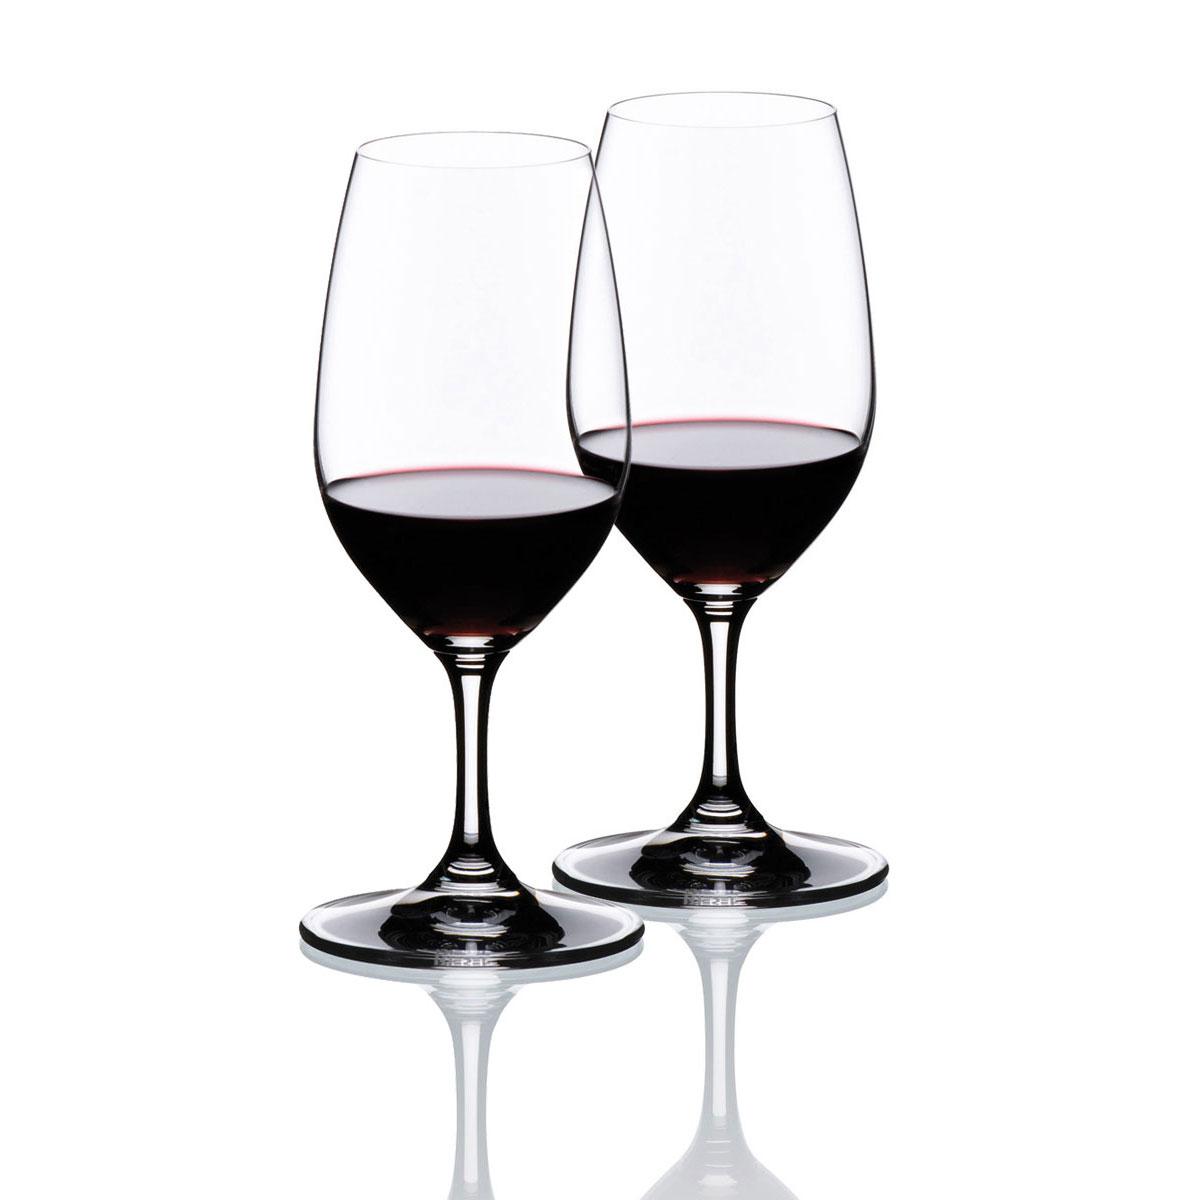 Riedel Vinum, Port Wine Glasses, Pair